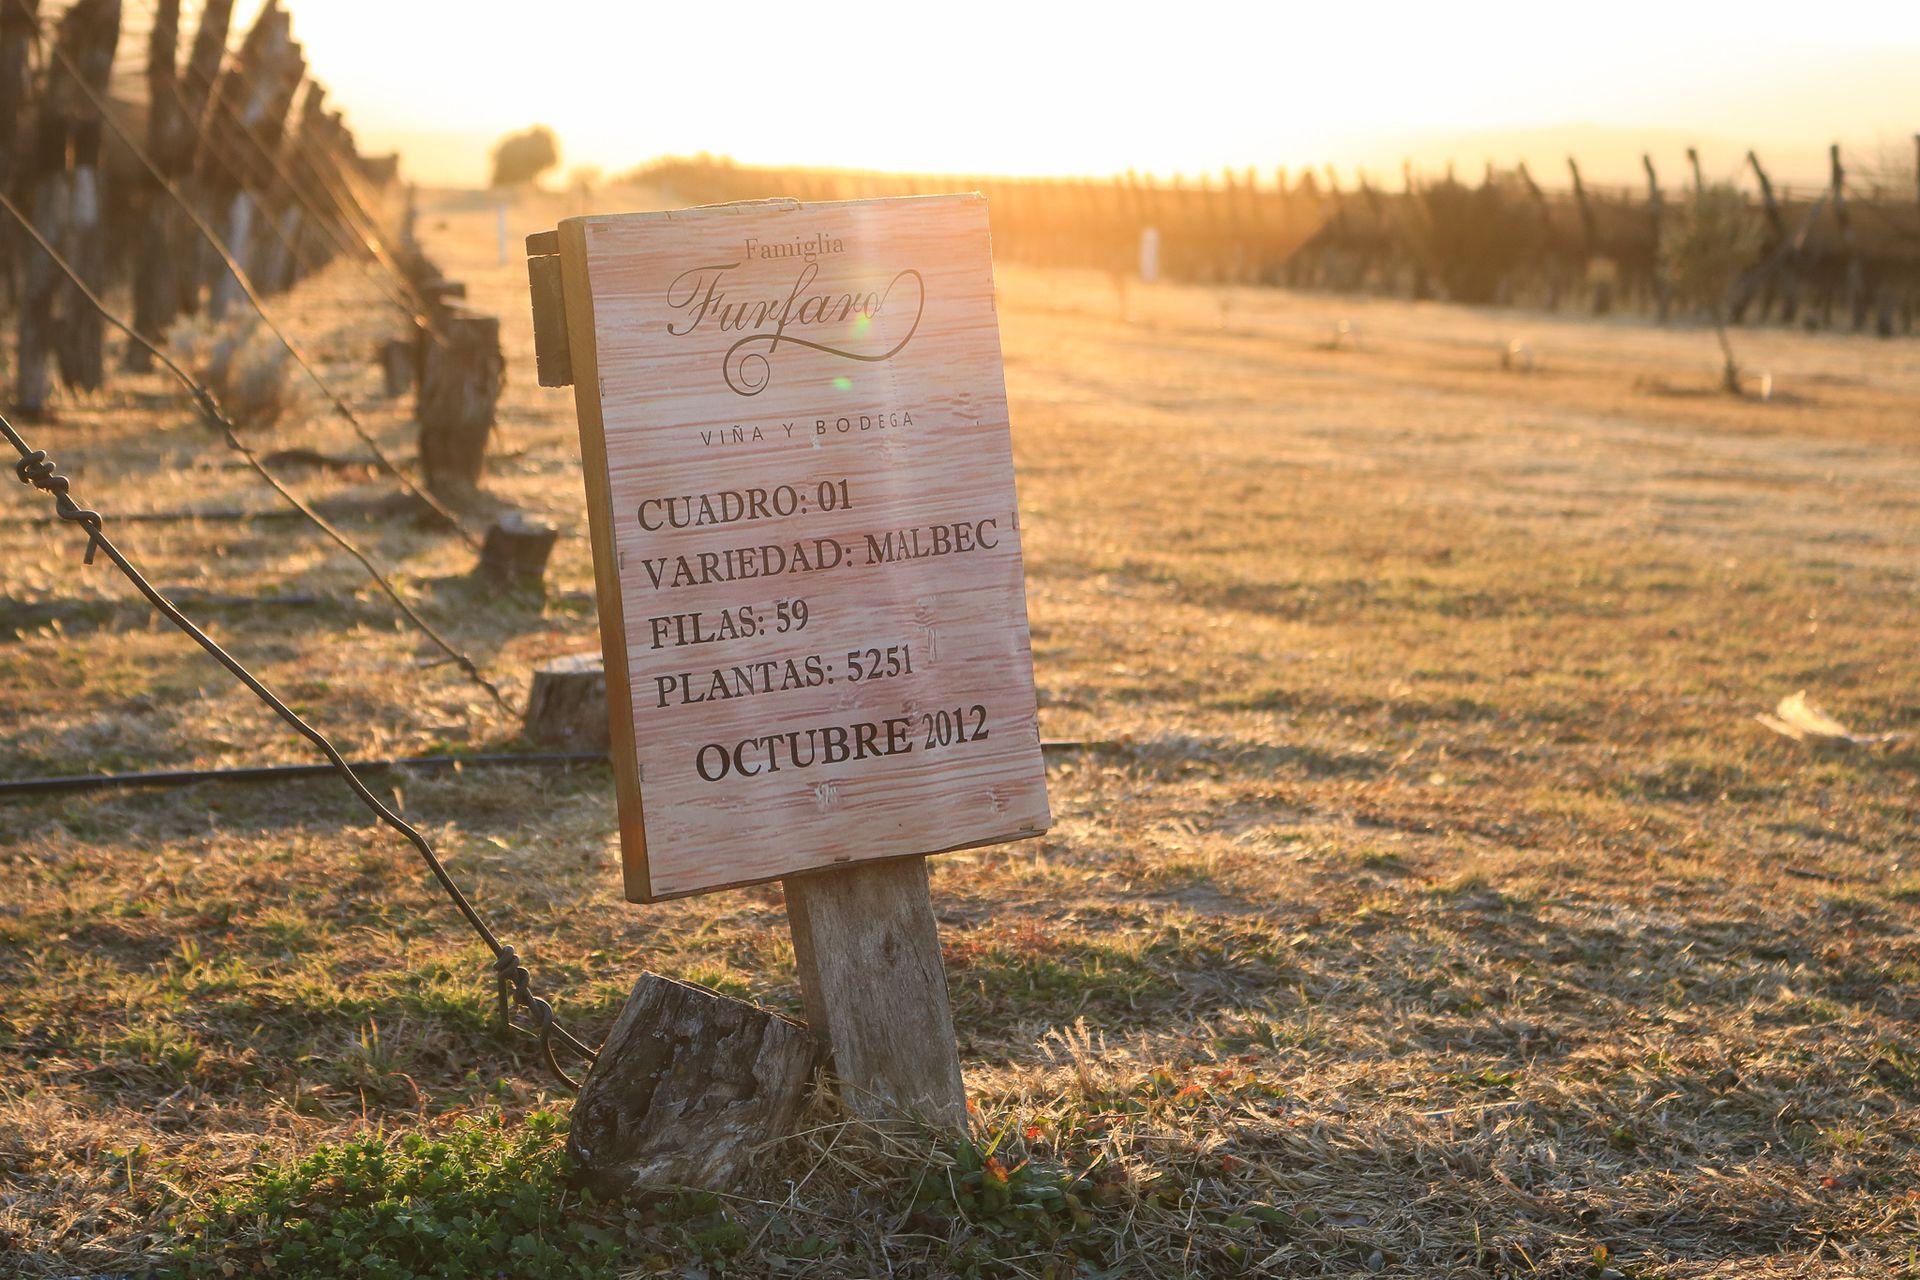 Famiglia Furfaro está en Villa Ciudad Parque y es un viñedo de 6 hectáreas